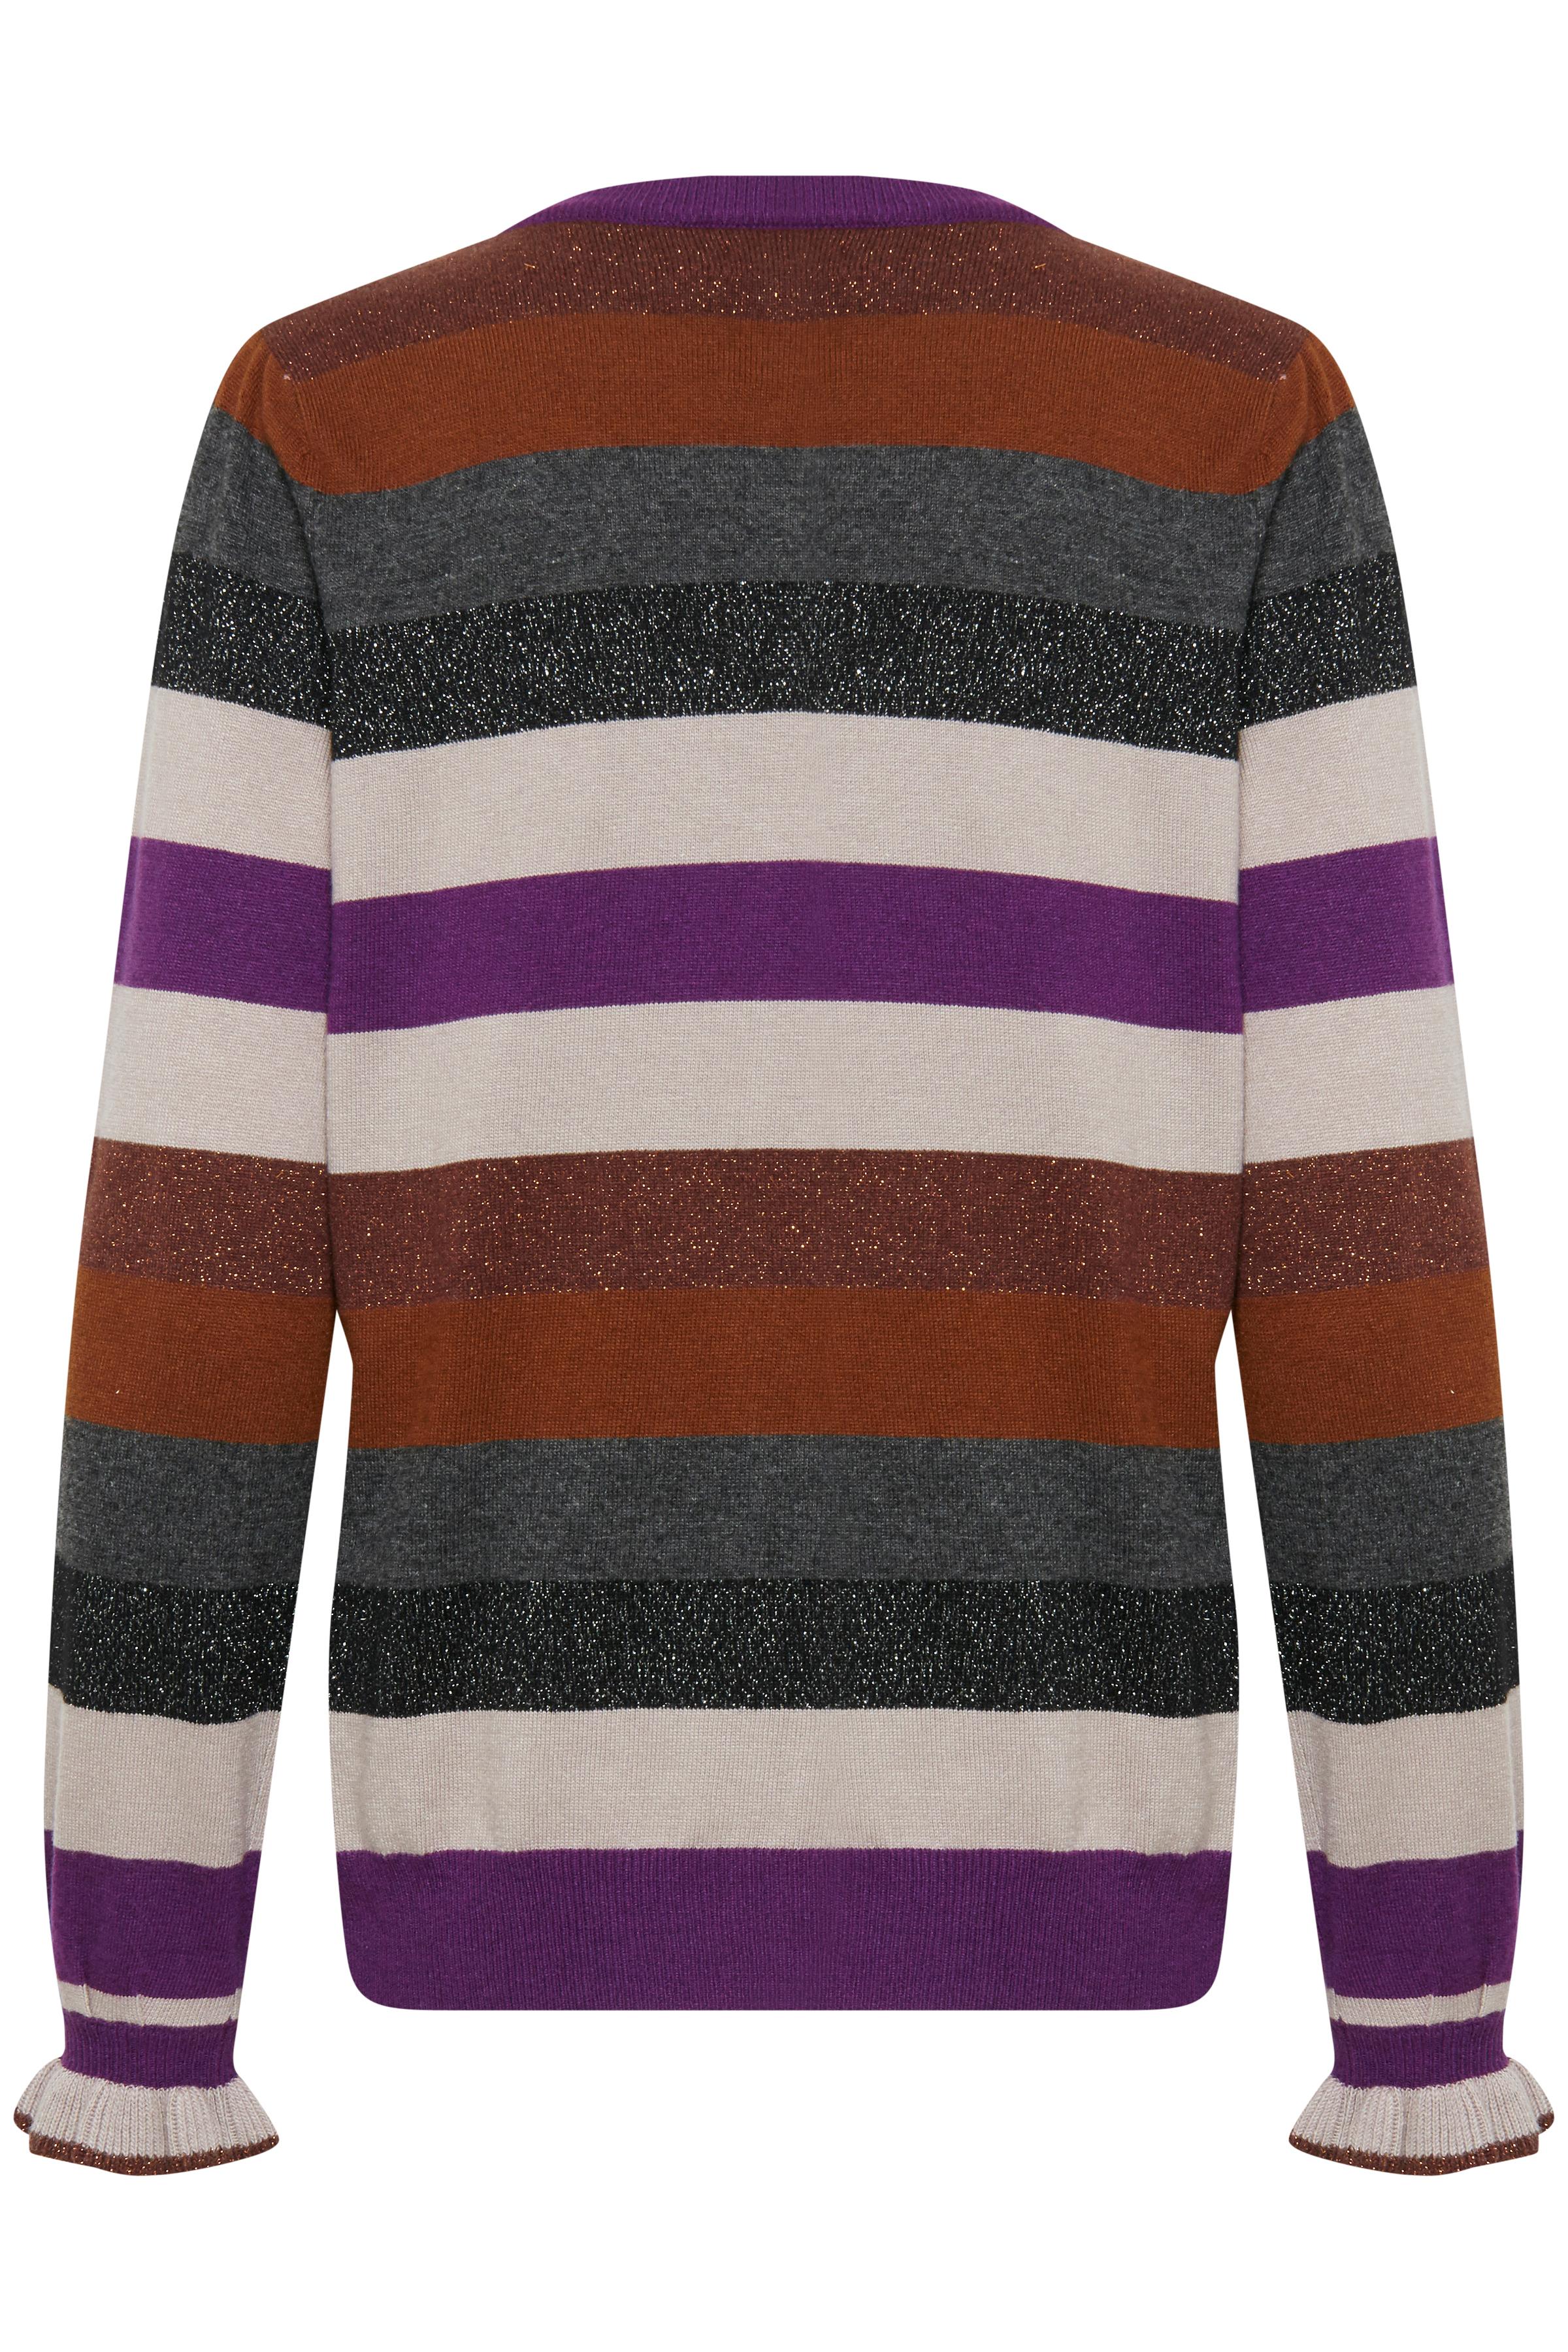 Imperial Purple Strickpullover von b.young – Kaufen Sie Imperial Purple Strickpullover aus Größe XS-XXL hier